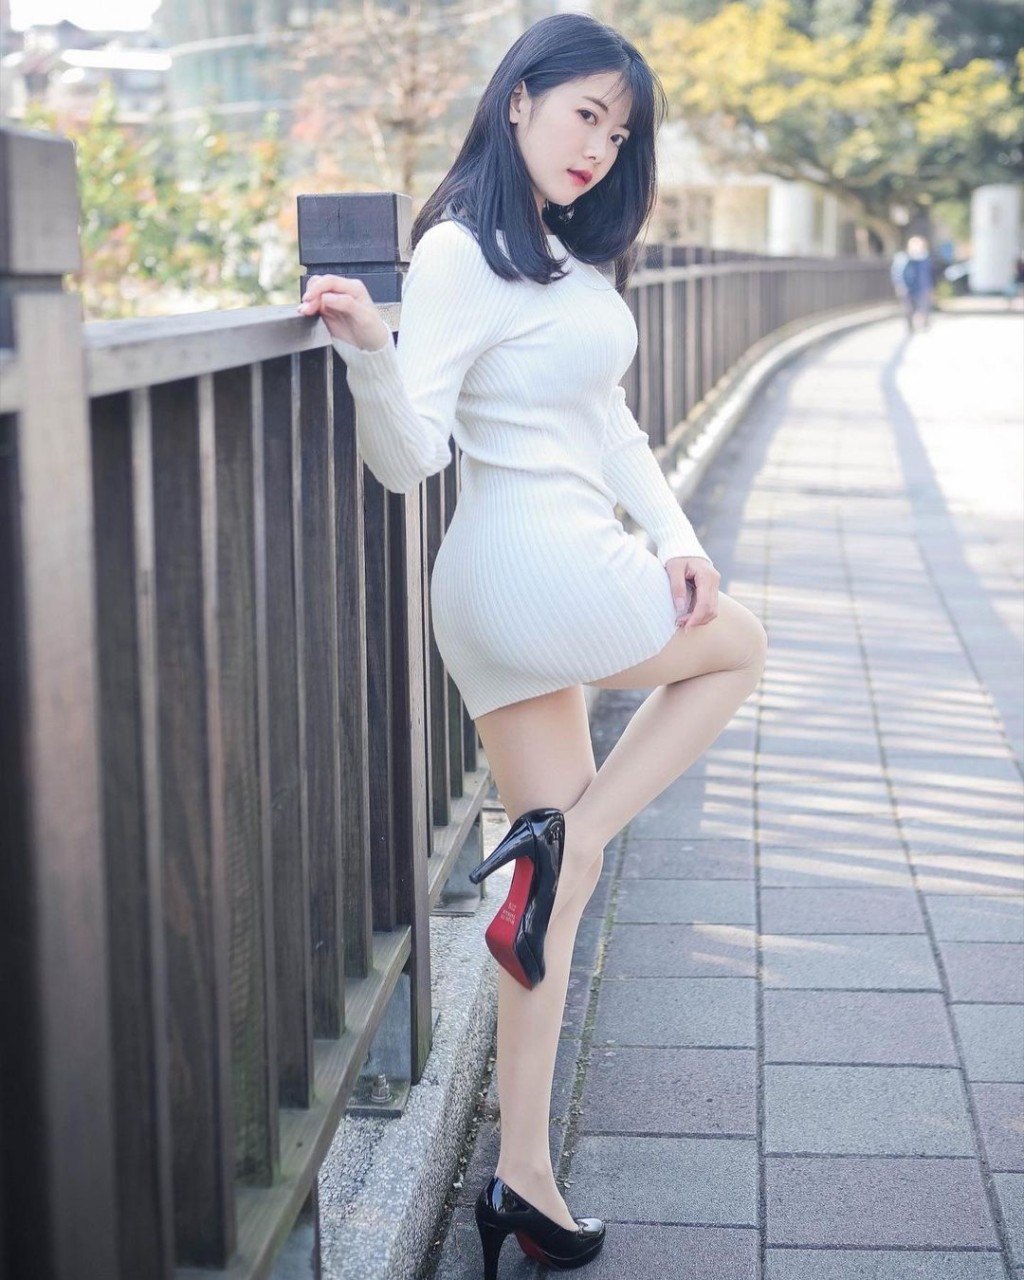 妹子图日刊 – 20210324插图21